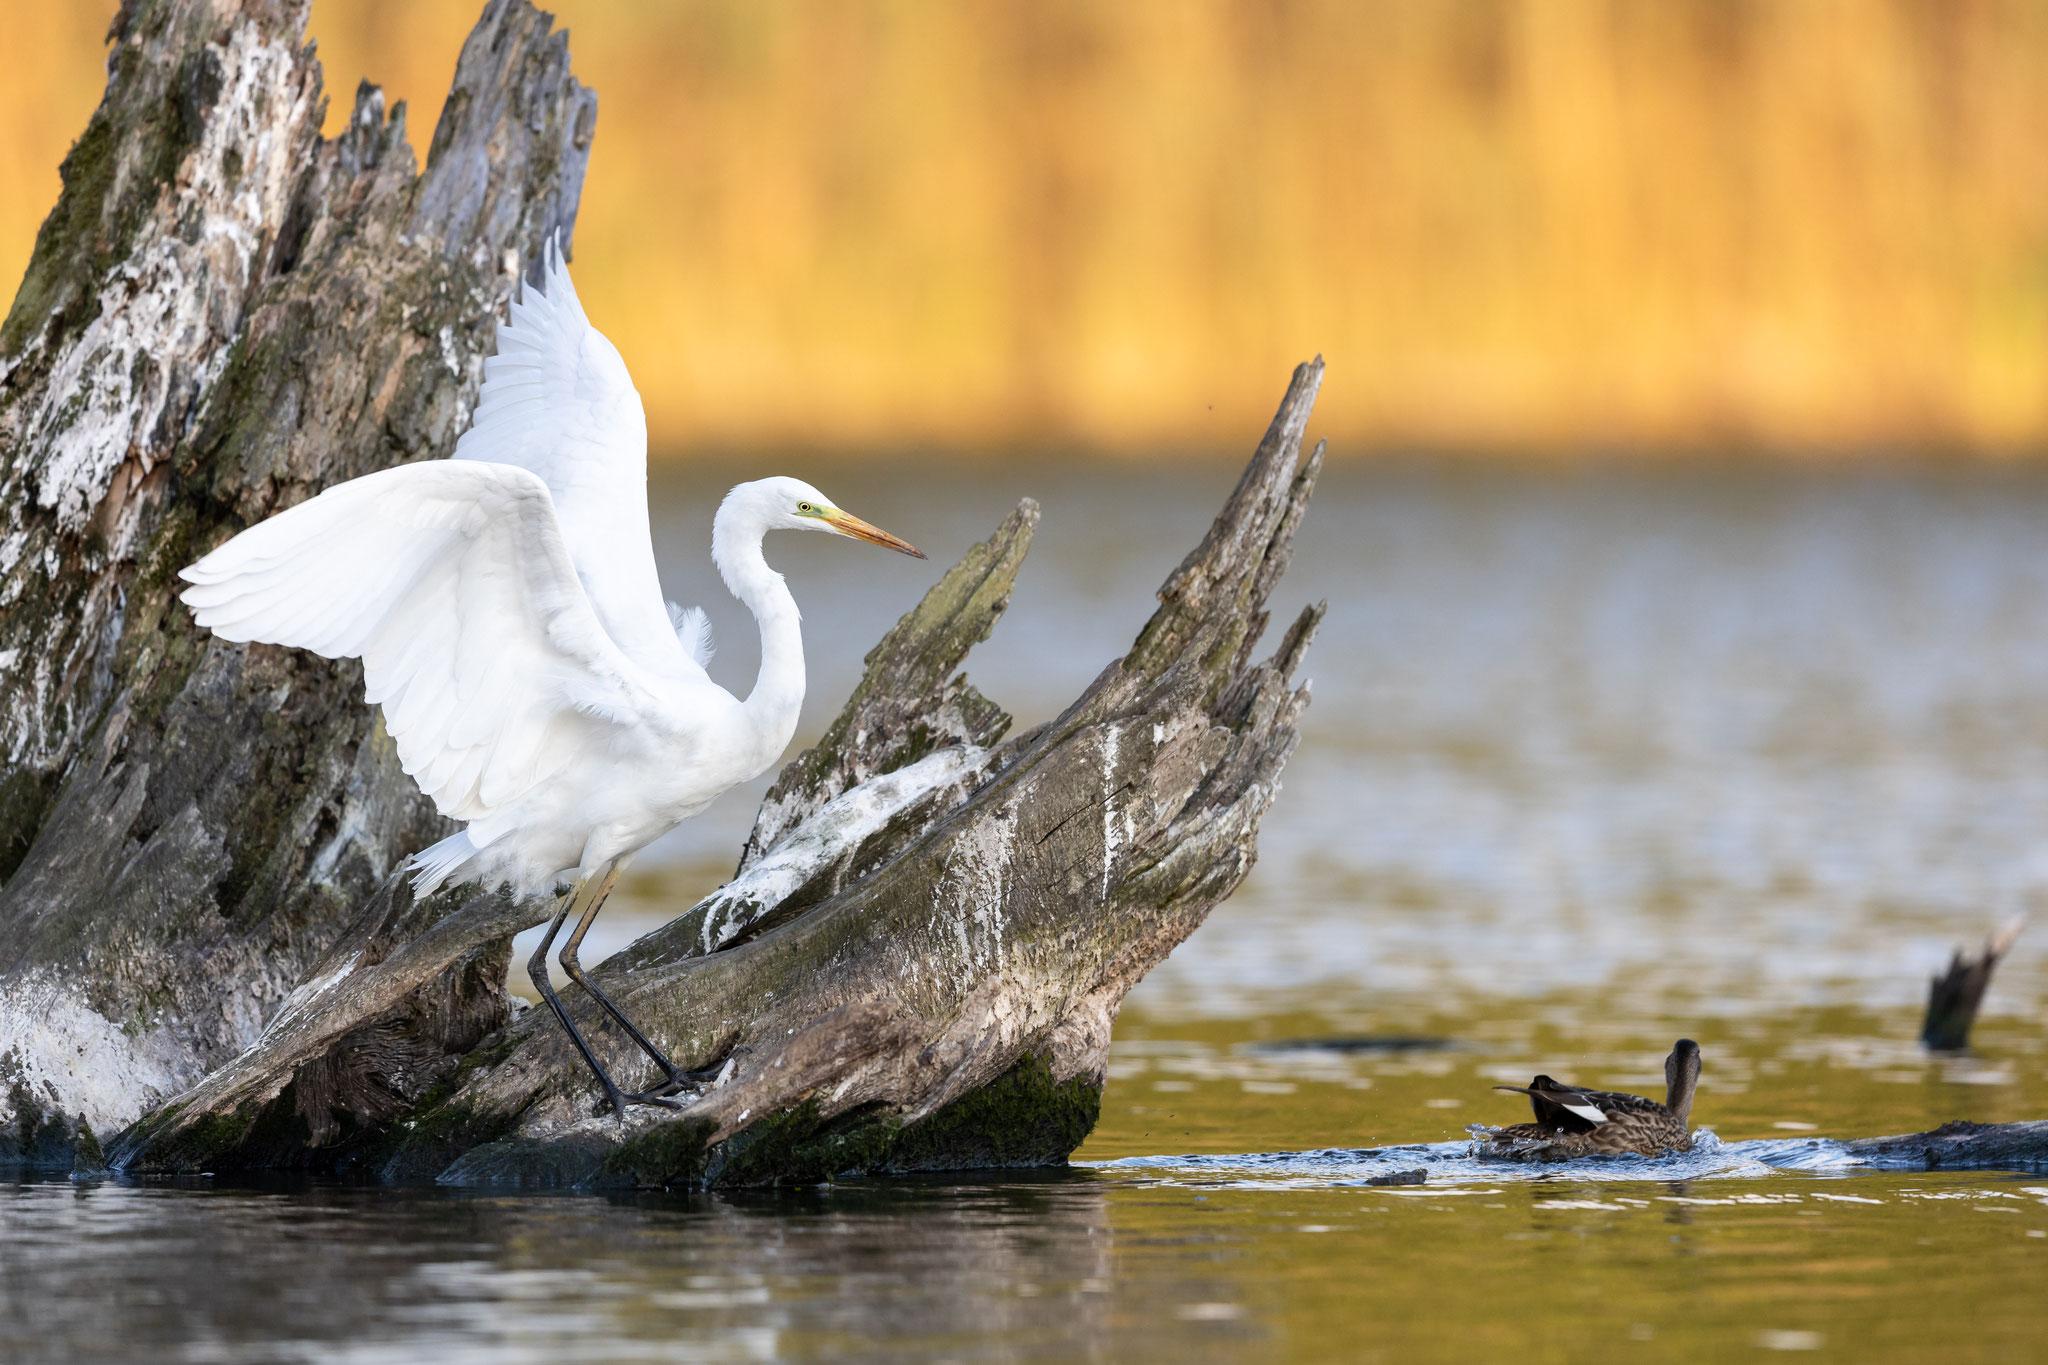 Das sehen auch andere Vögel so: der Silberreiher...